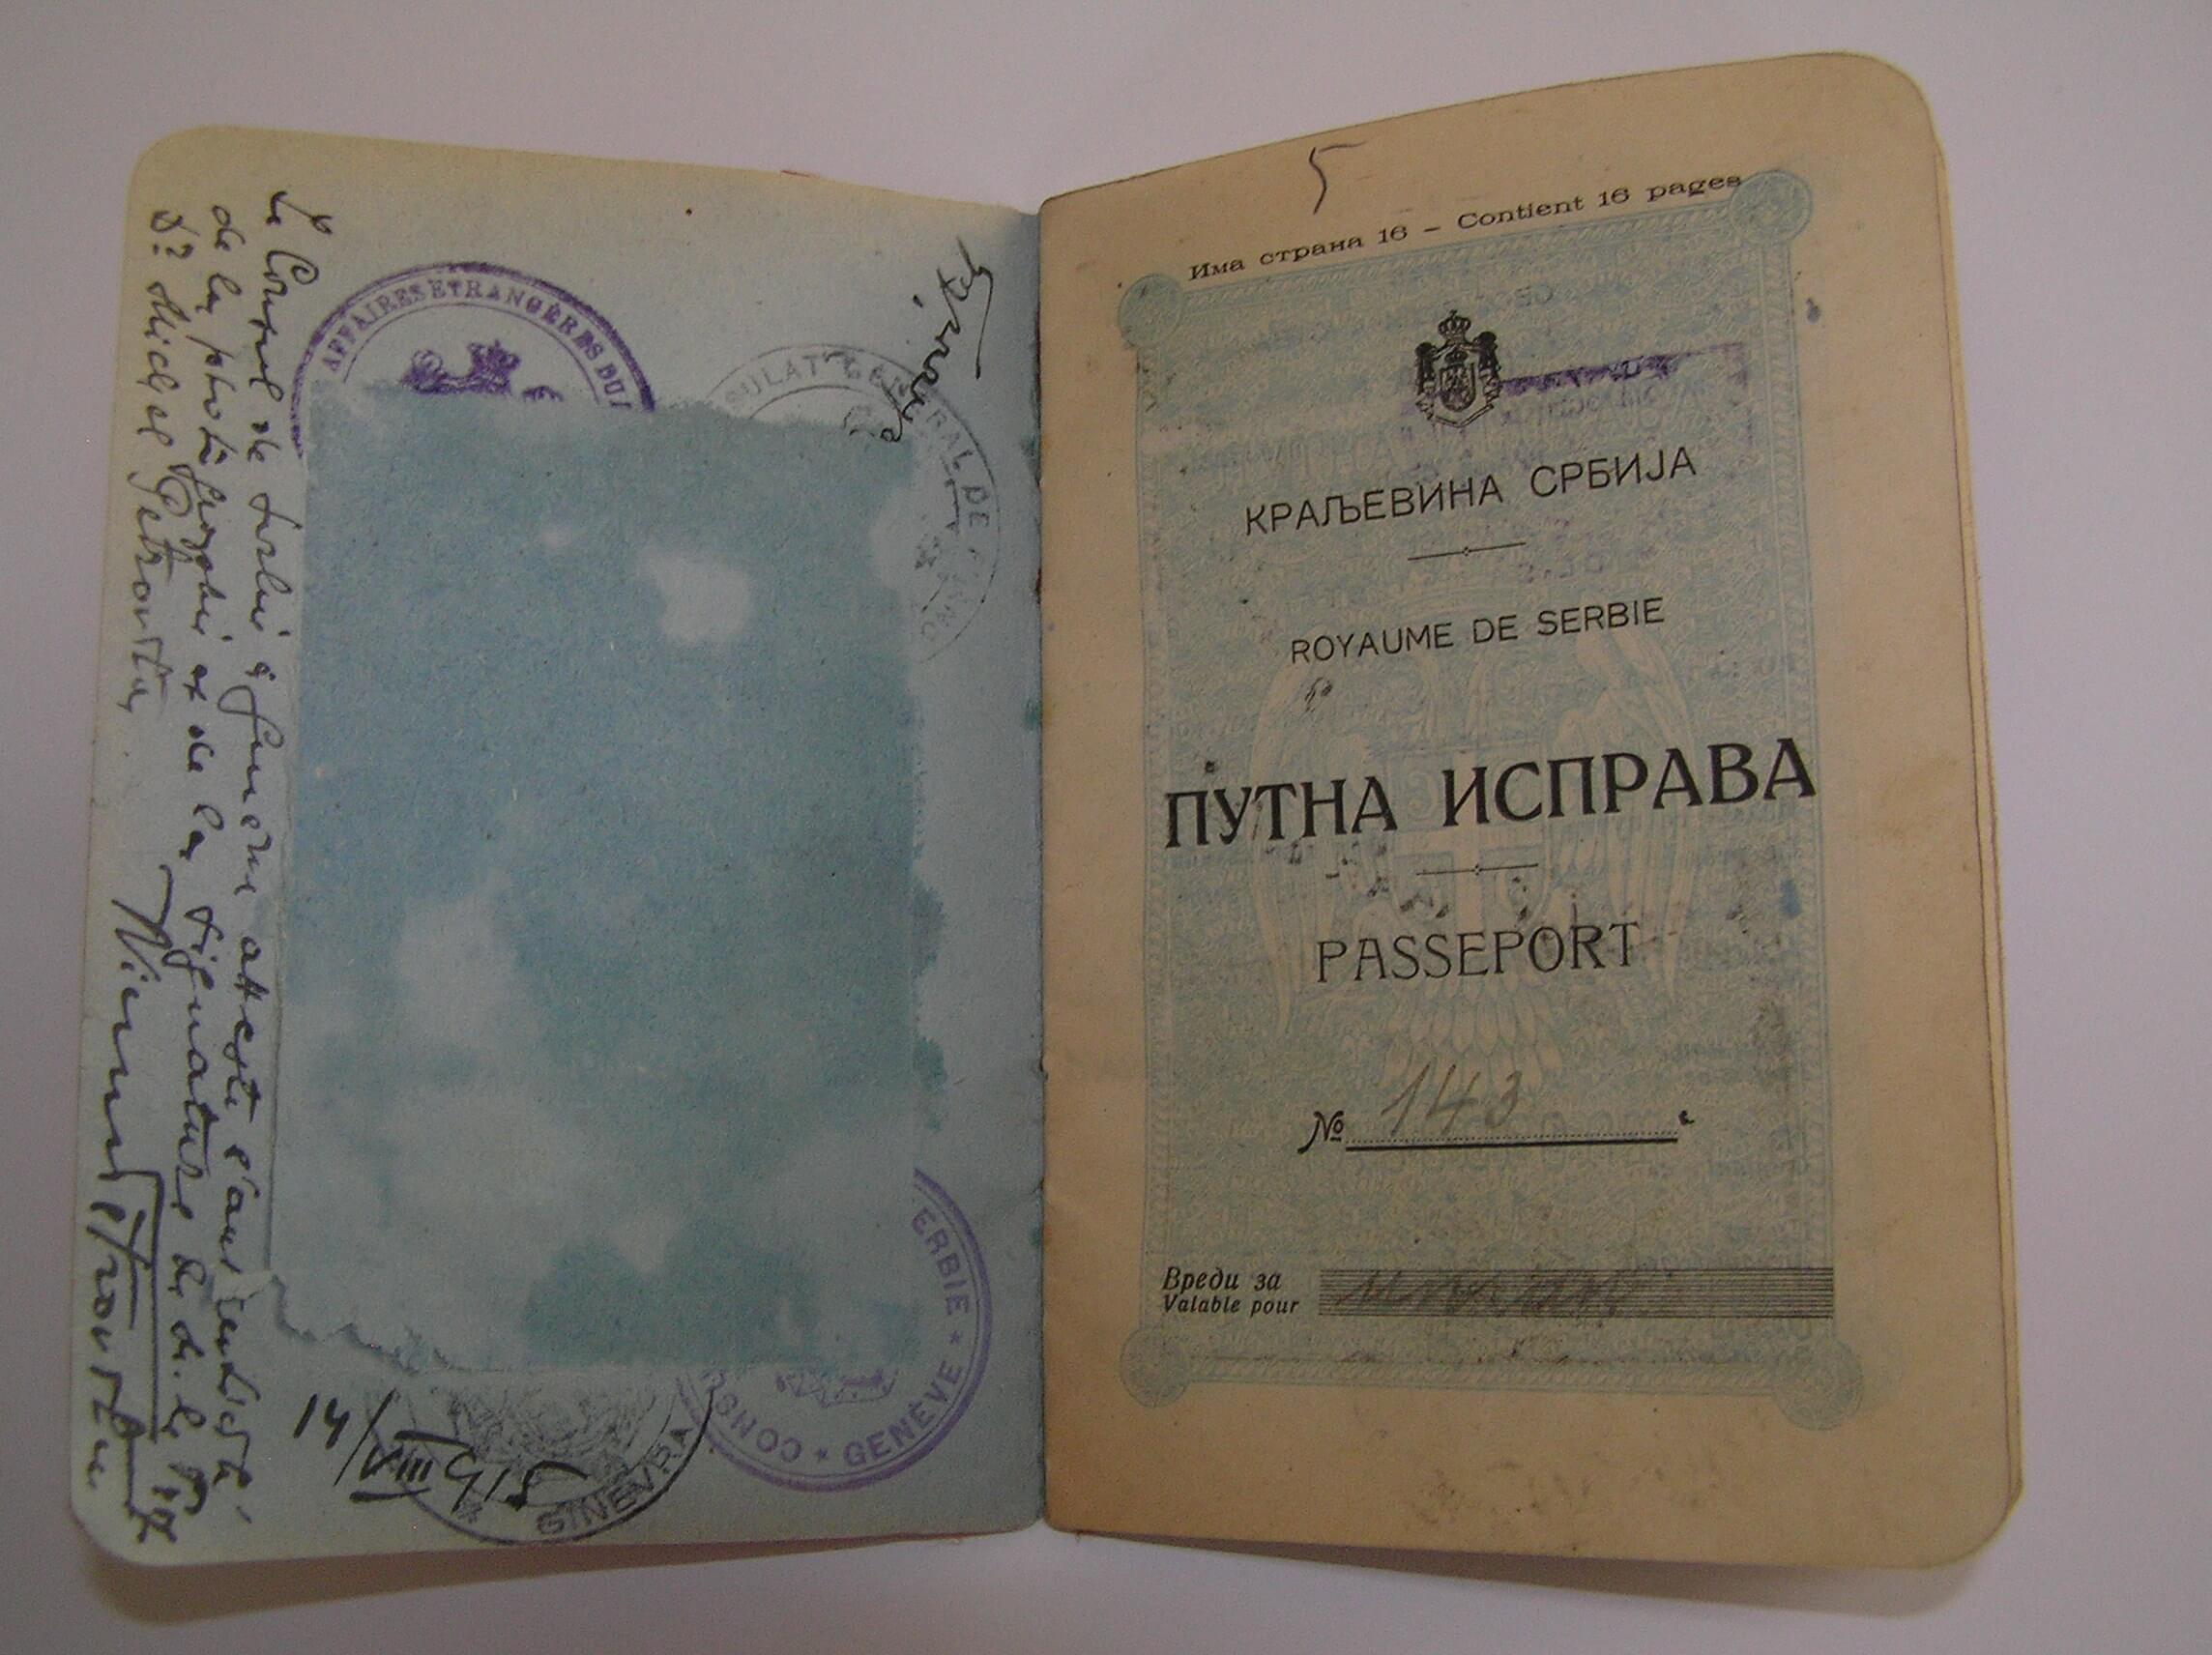 """Mihailo Petrović's passport. I. Marković, 2018 (""""Mihailo Petrović"""" Foundation)"""